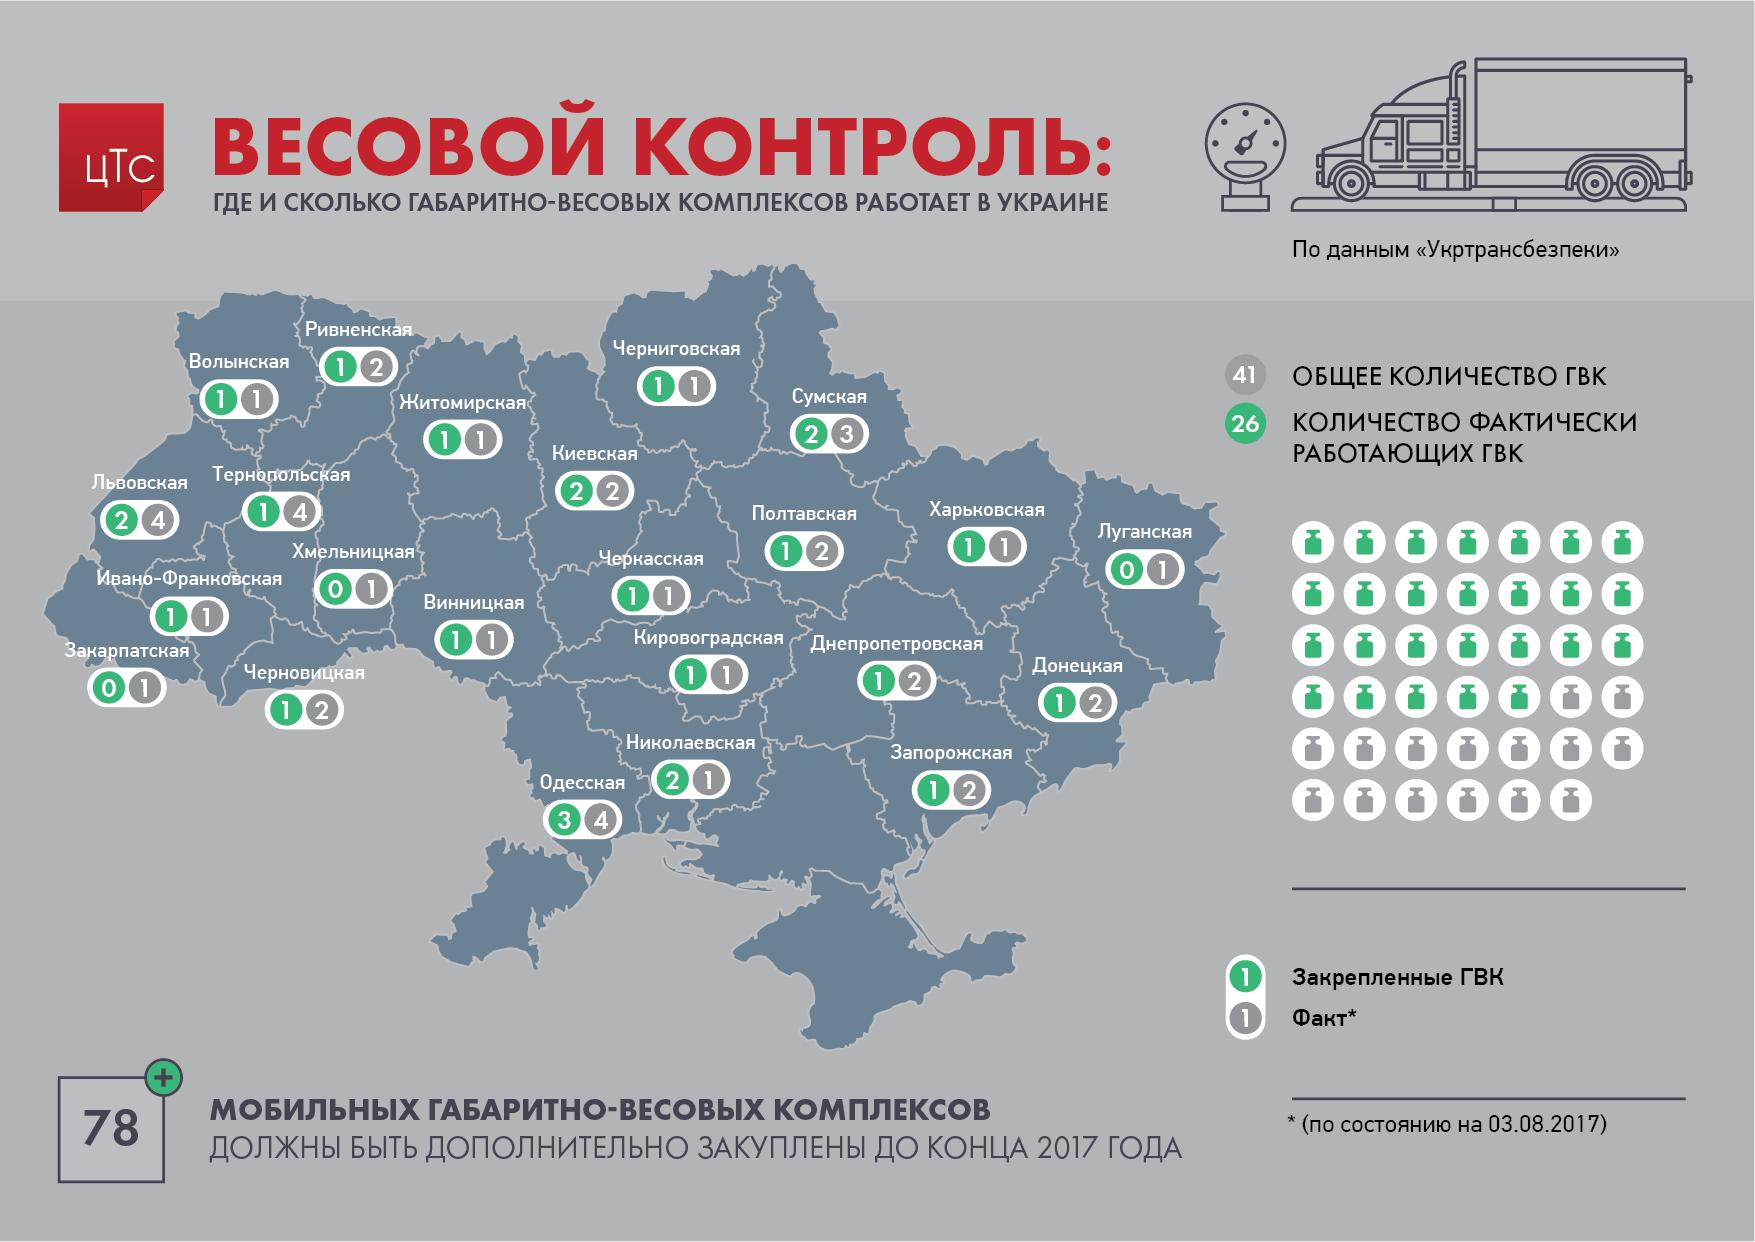 Весовой контроль на дорогах: где и сколько ГВК в Украине